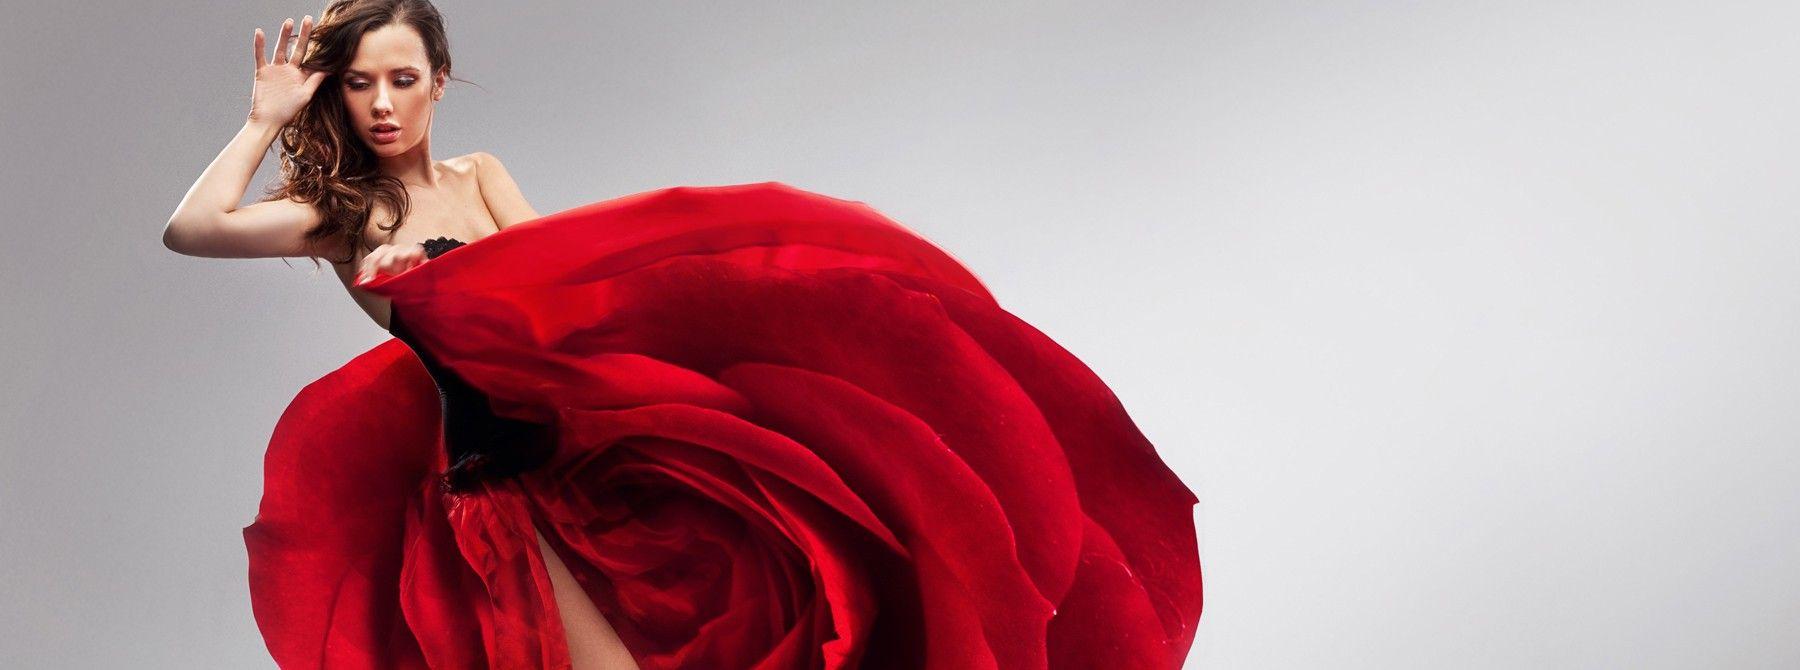 Questo Indossare Total LookBigodino Rosso Per PassioneIdee Colore WE9YHI2Dbe